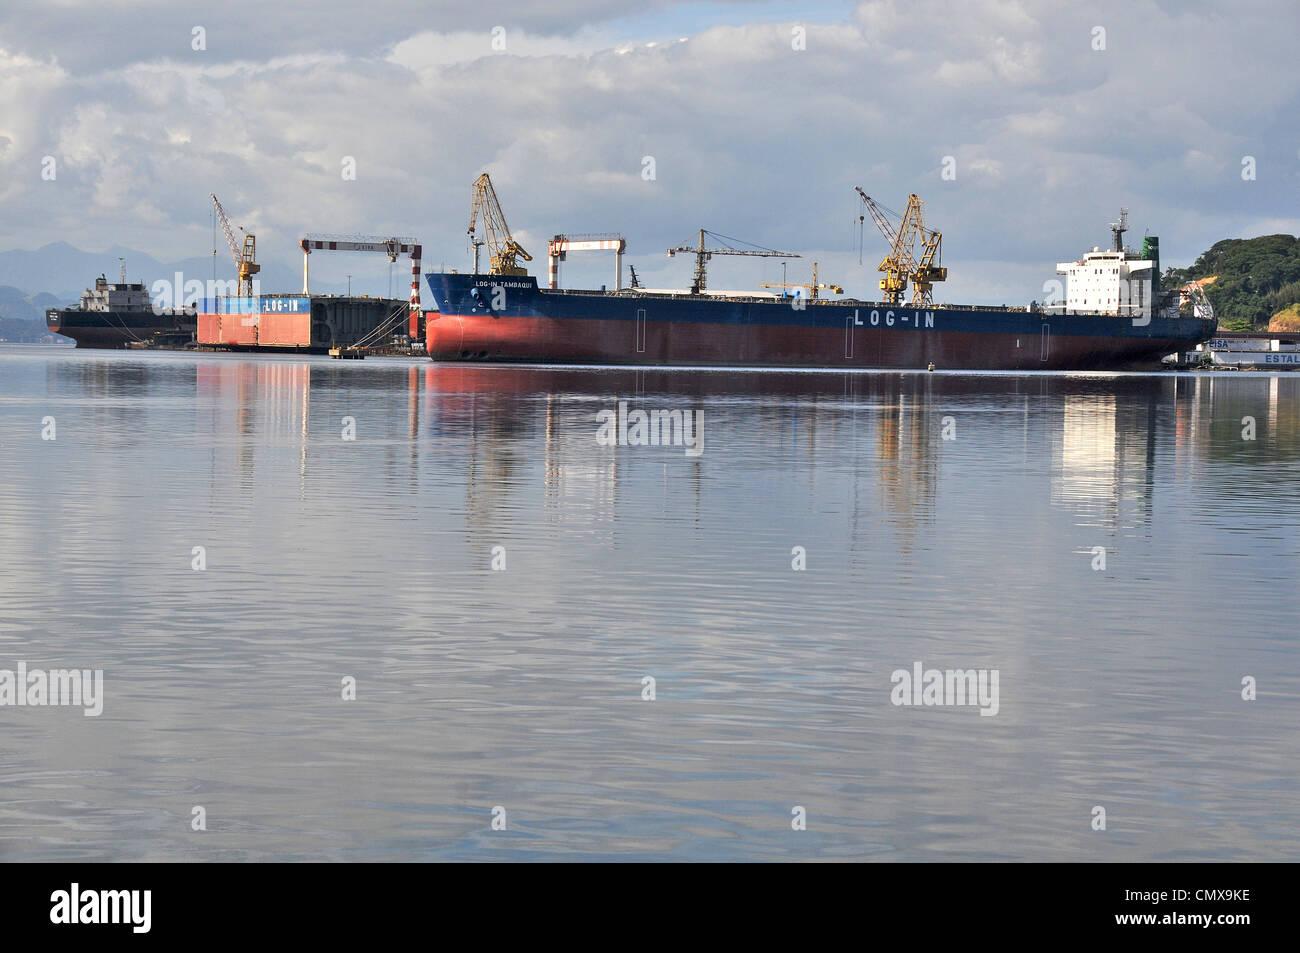 Ship during construction works in a shipyard Estaleiro Ilha EISA Ilha do Governador Rio Brazil - Stock Image